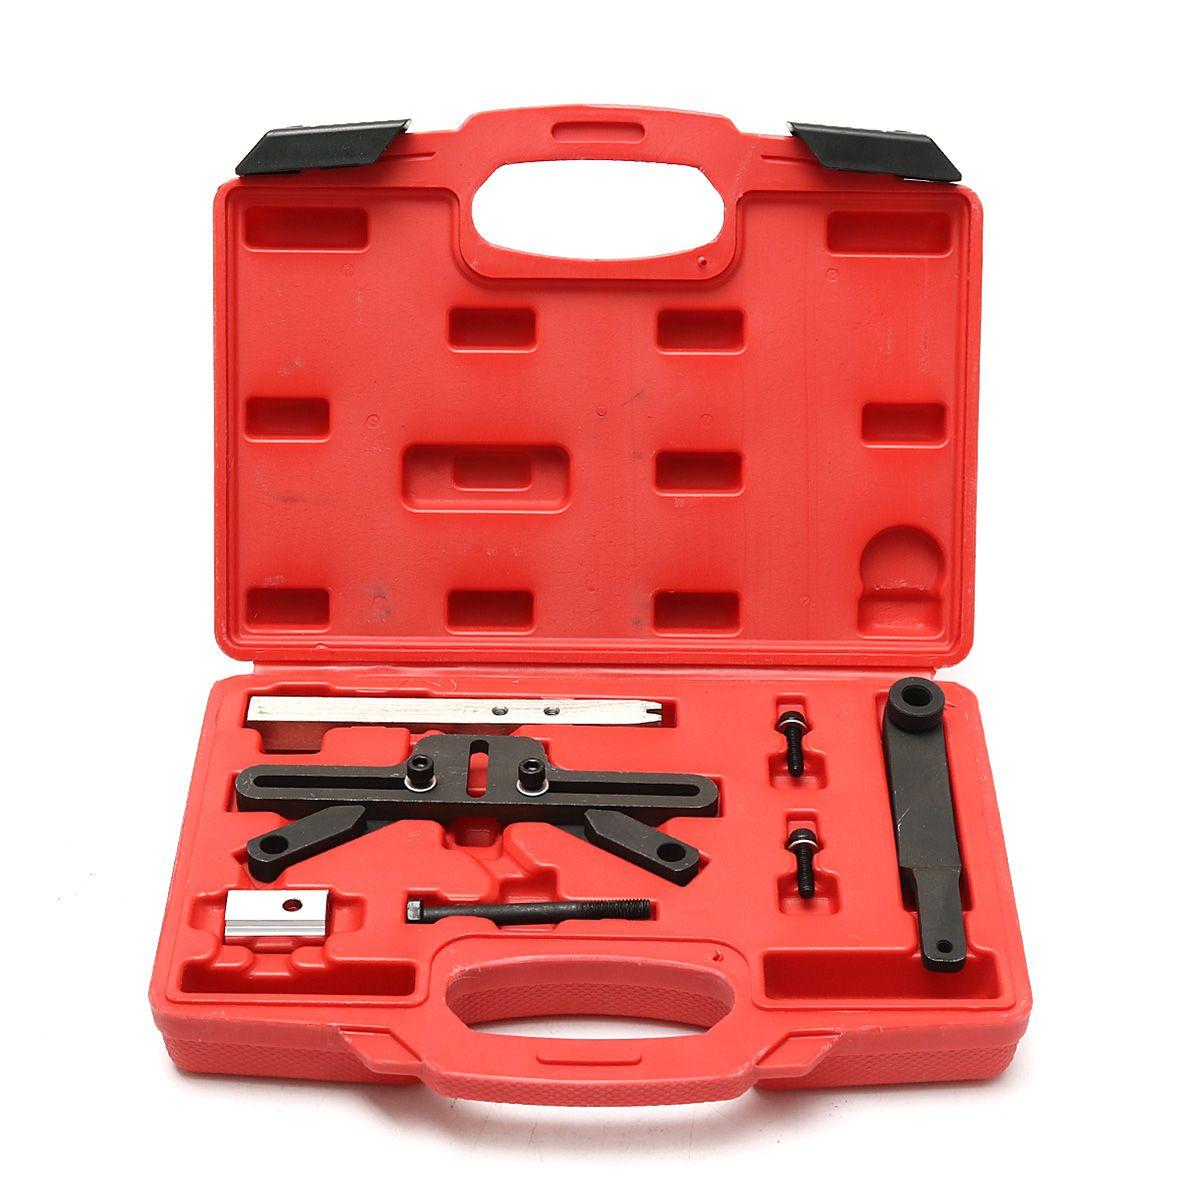 Kit d'outils de blocage de distribution de volant d'inertie boîtier en plastique pour BMW Mini M47T2 M57T2 M67 N43 N45 moteurs outil professionnel moulé par soufflage